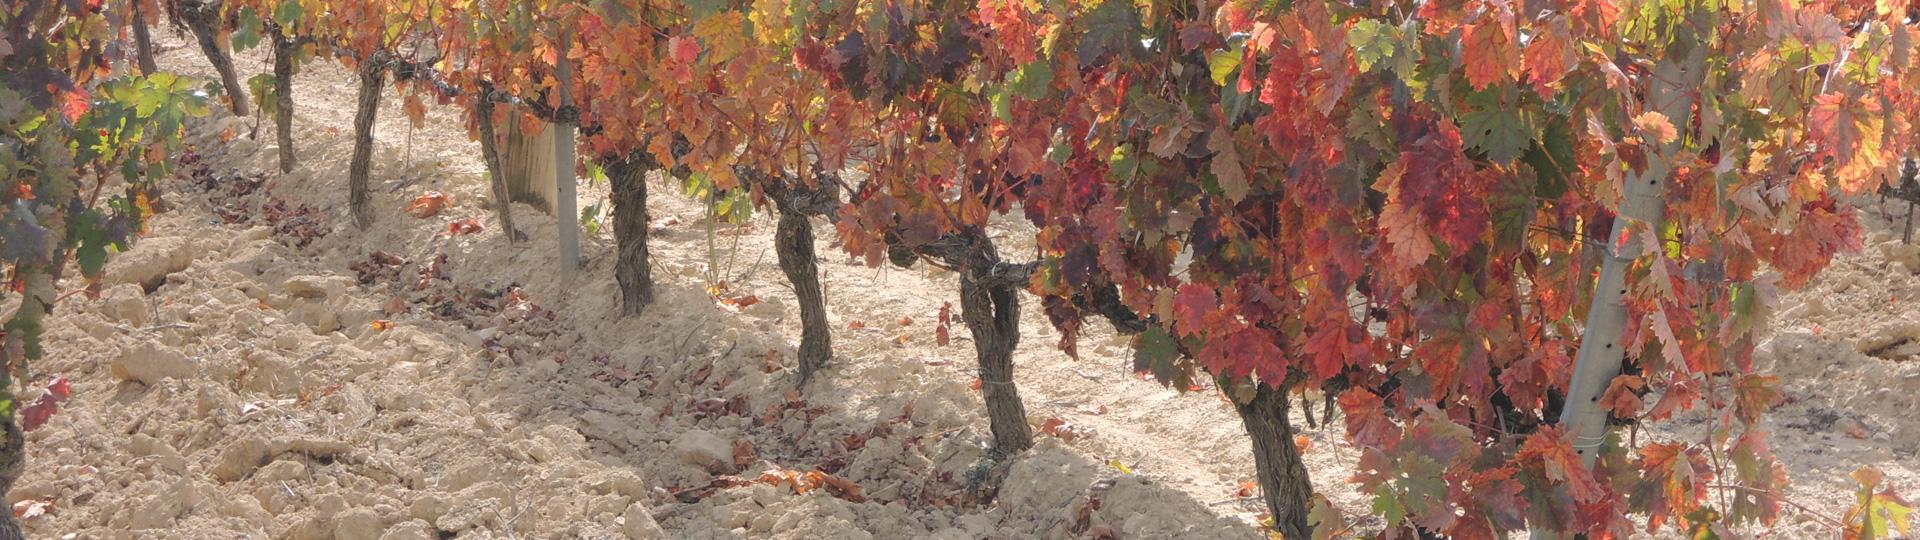 Wijnranken in de herst